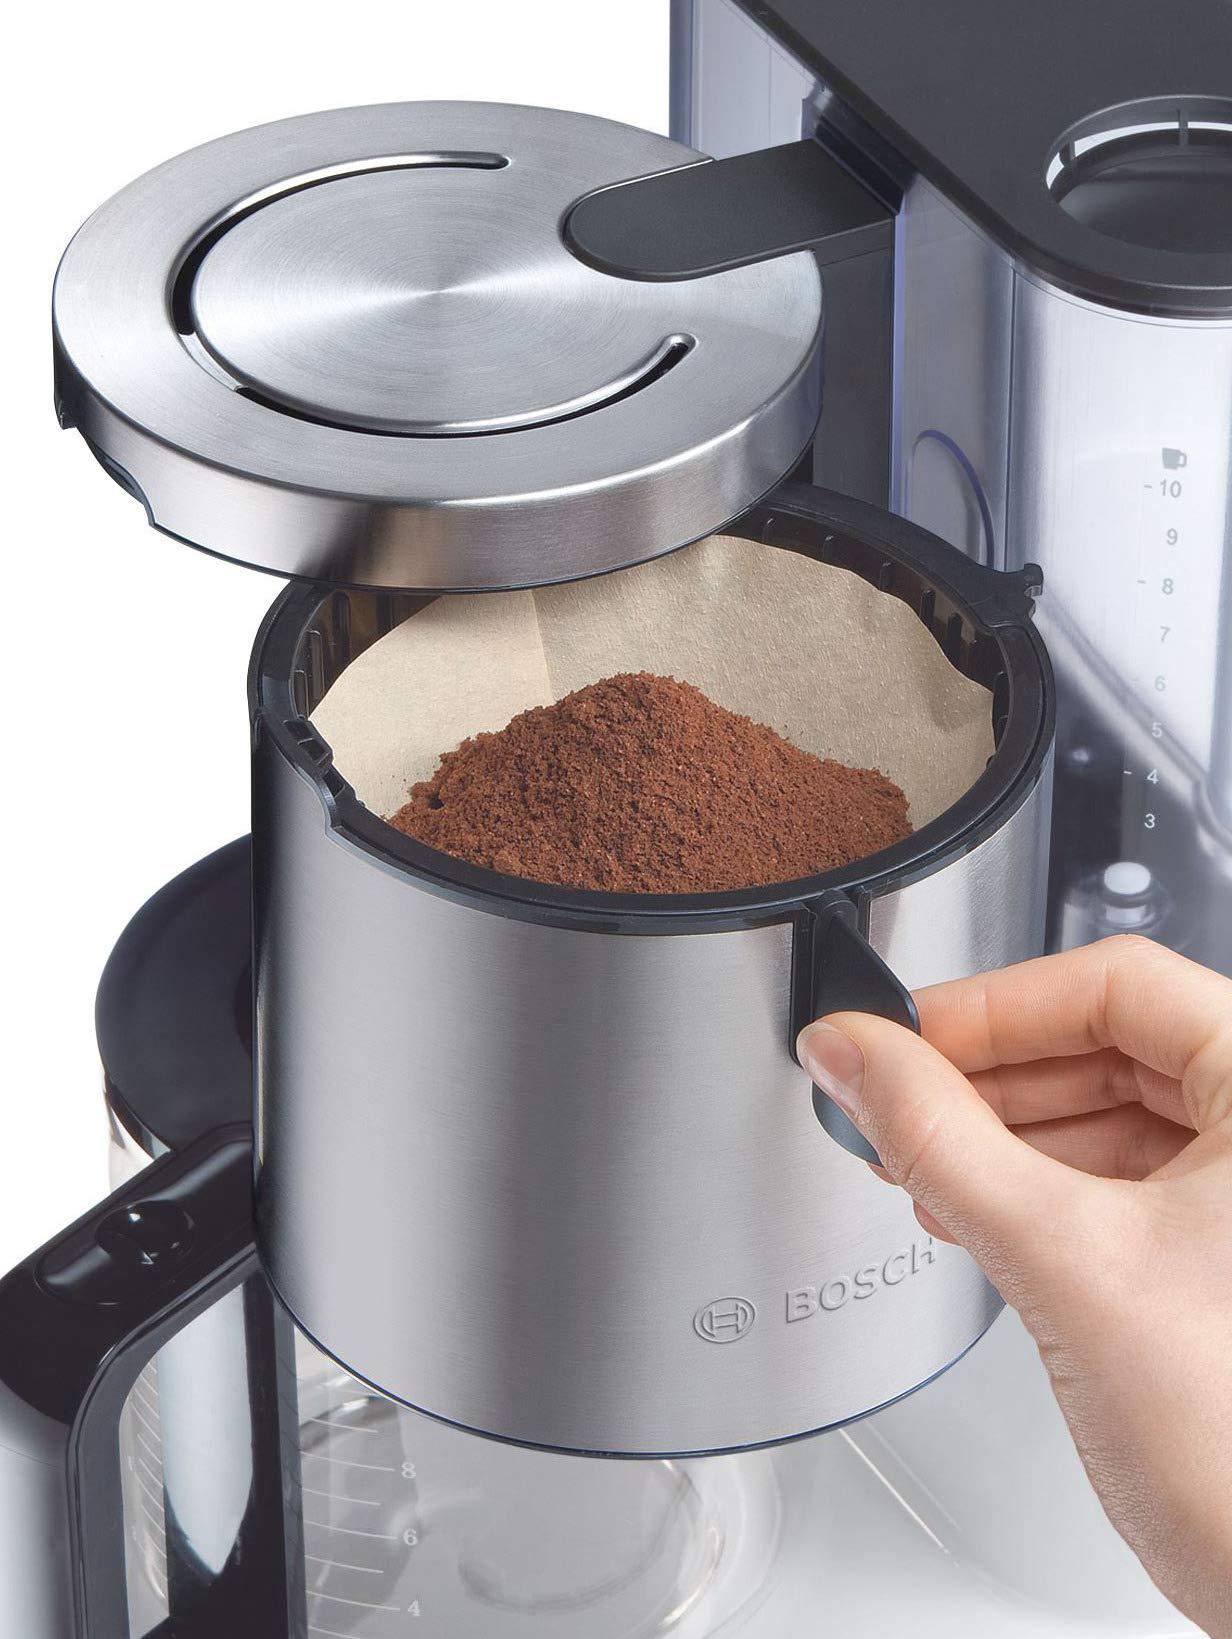 Bosch-TKA8631-Kaffeemaschine-Styline-fr-10-15-Tassen-1160-Wat